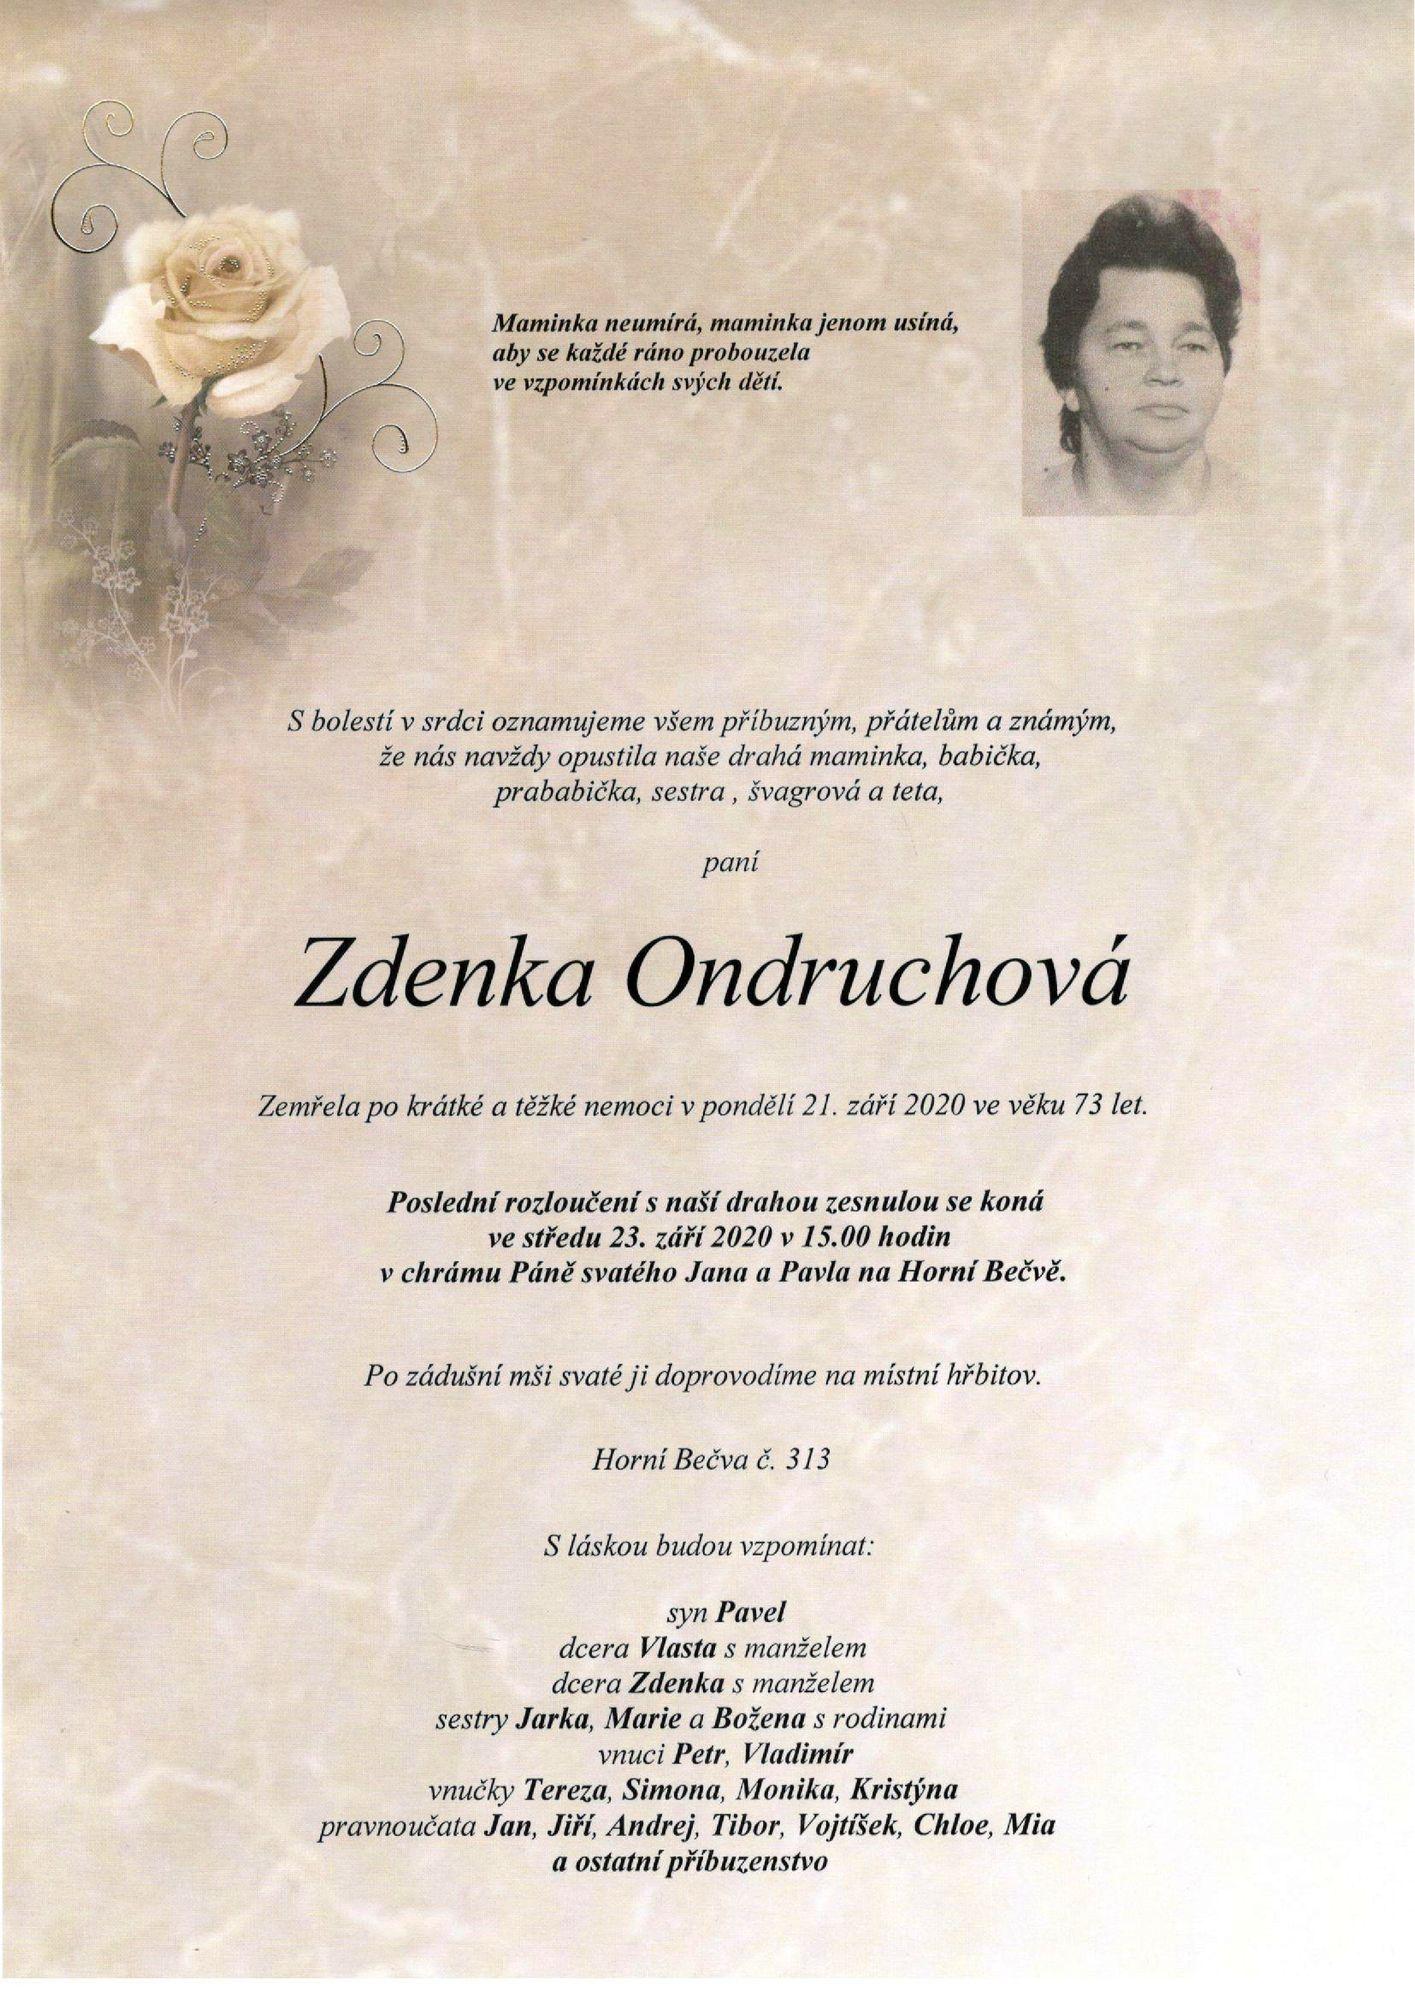 Zdenka Ondruchová